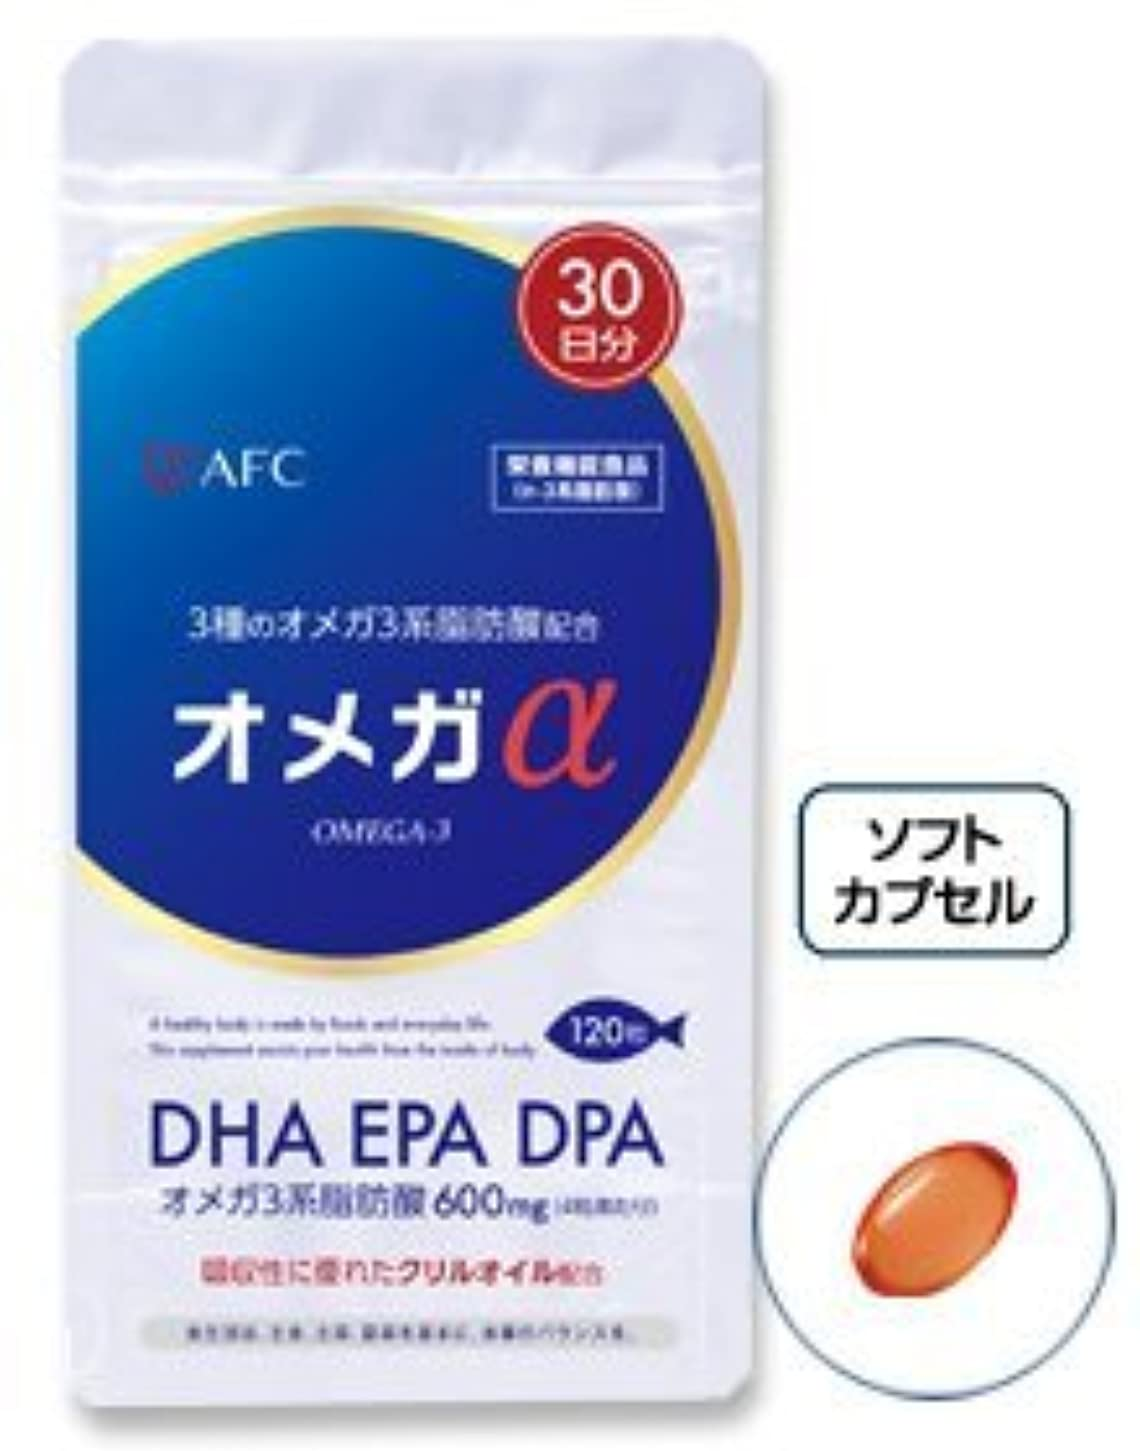 いつかに付けるハム【AFC公式ショップ】とってもお得な3個セット!30日分 オメガスリー オメガα (オメガ アルファ) ソフトカプセル DHA DPA EPA クリルオイル